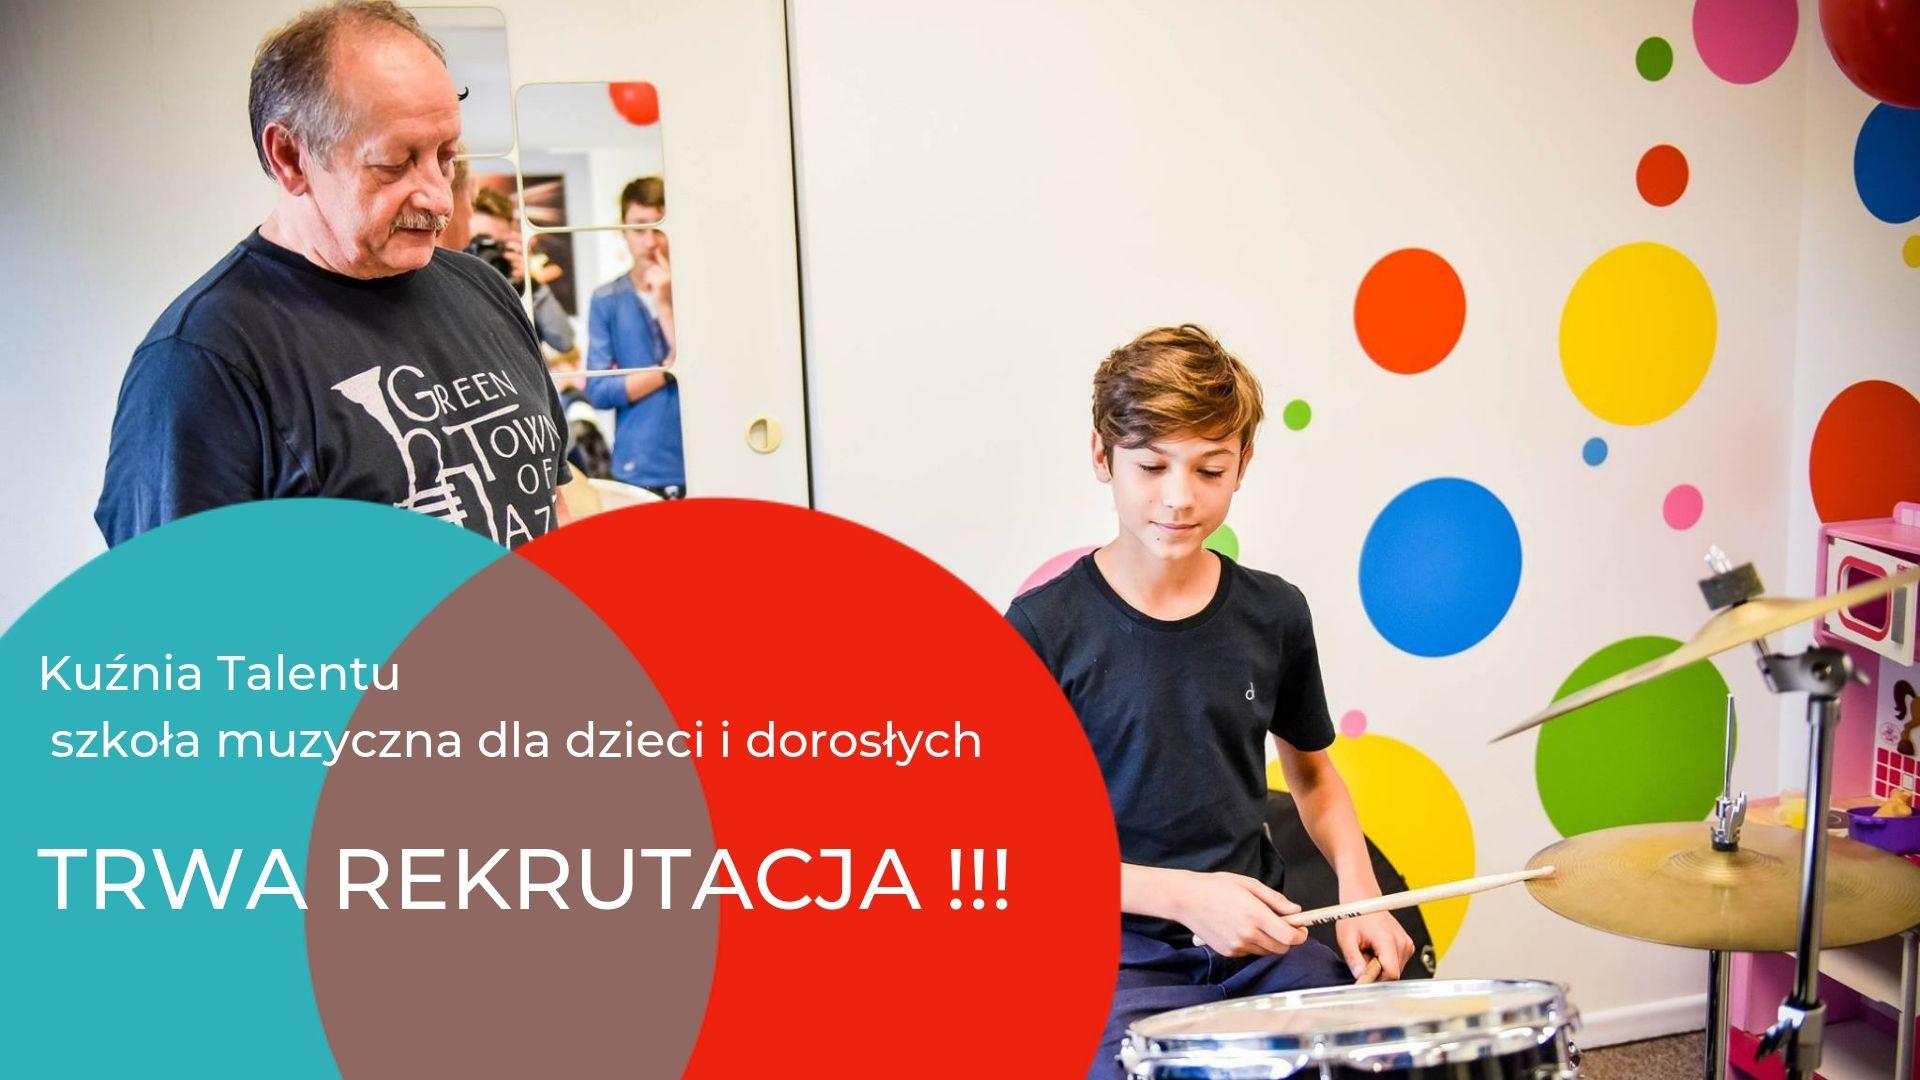 Rekrutacja na nowy semestr do Szkoły Muzycznej Kuźnia Talentu